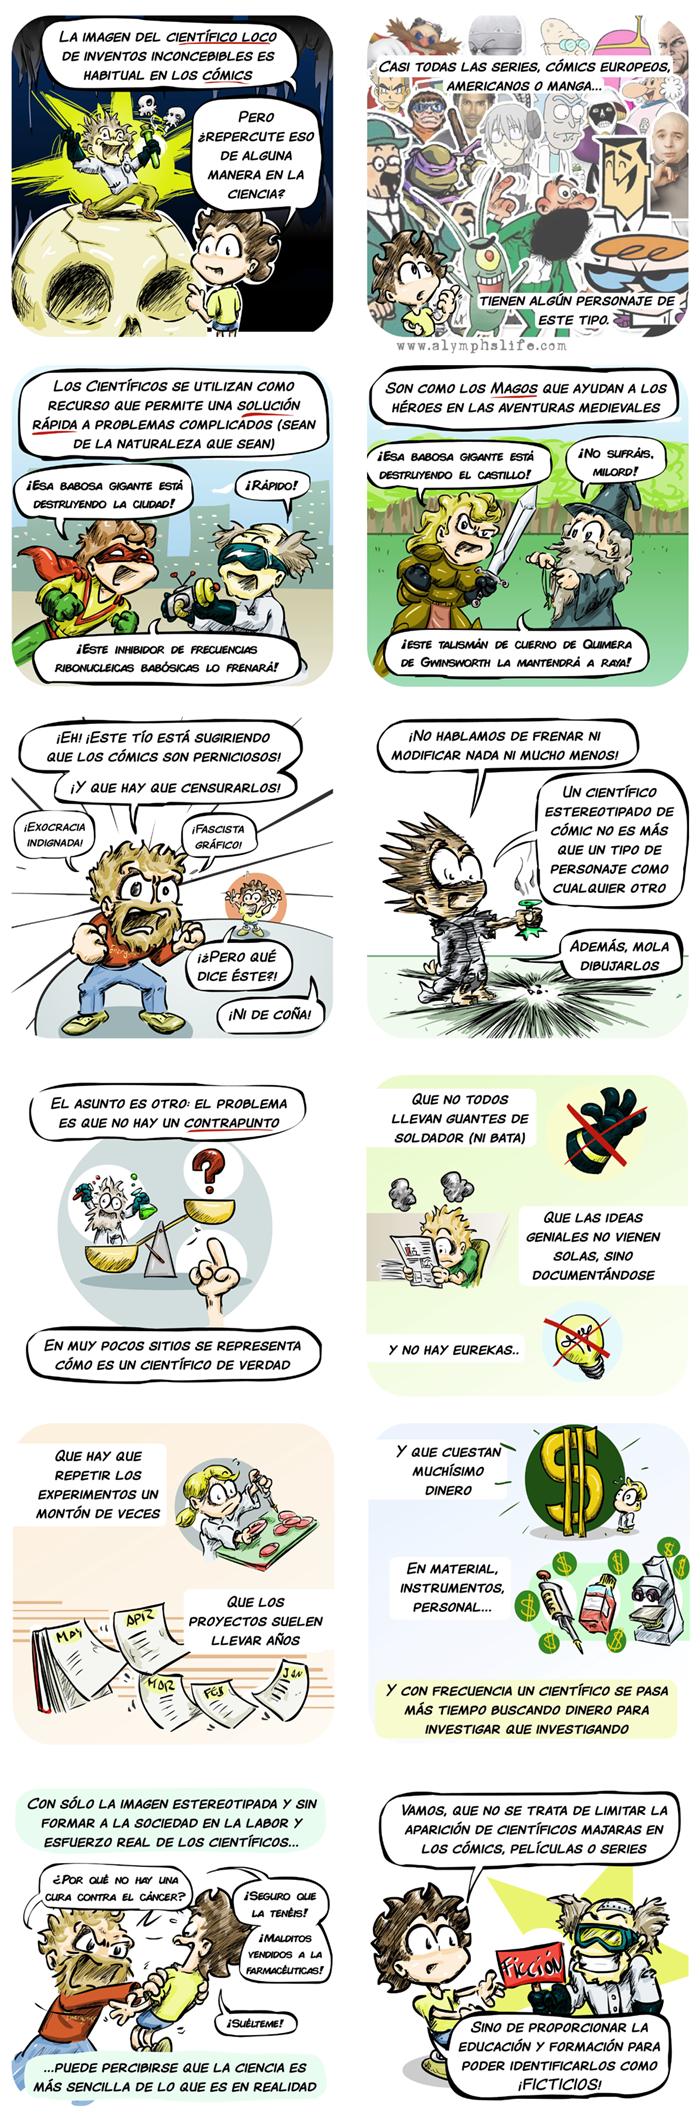 científicos locos, estereotipos y riesgos